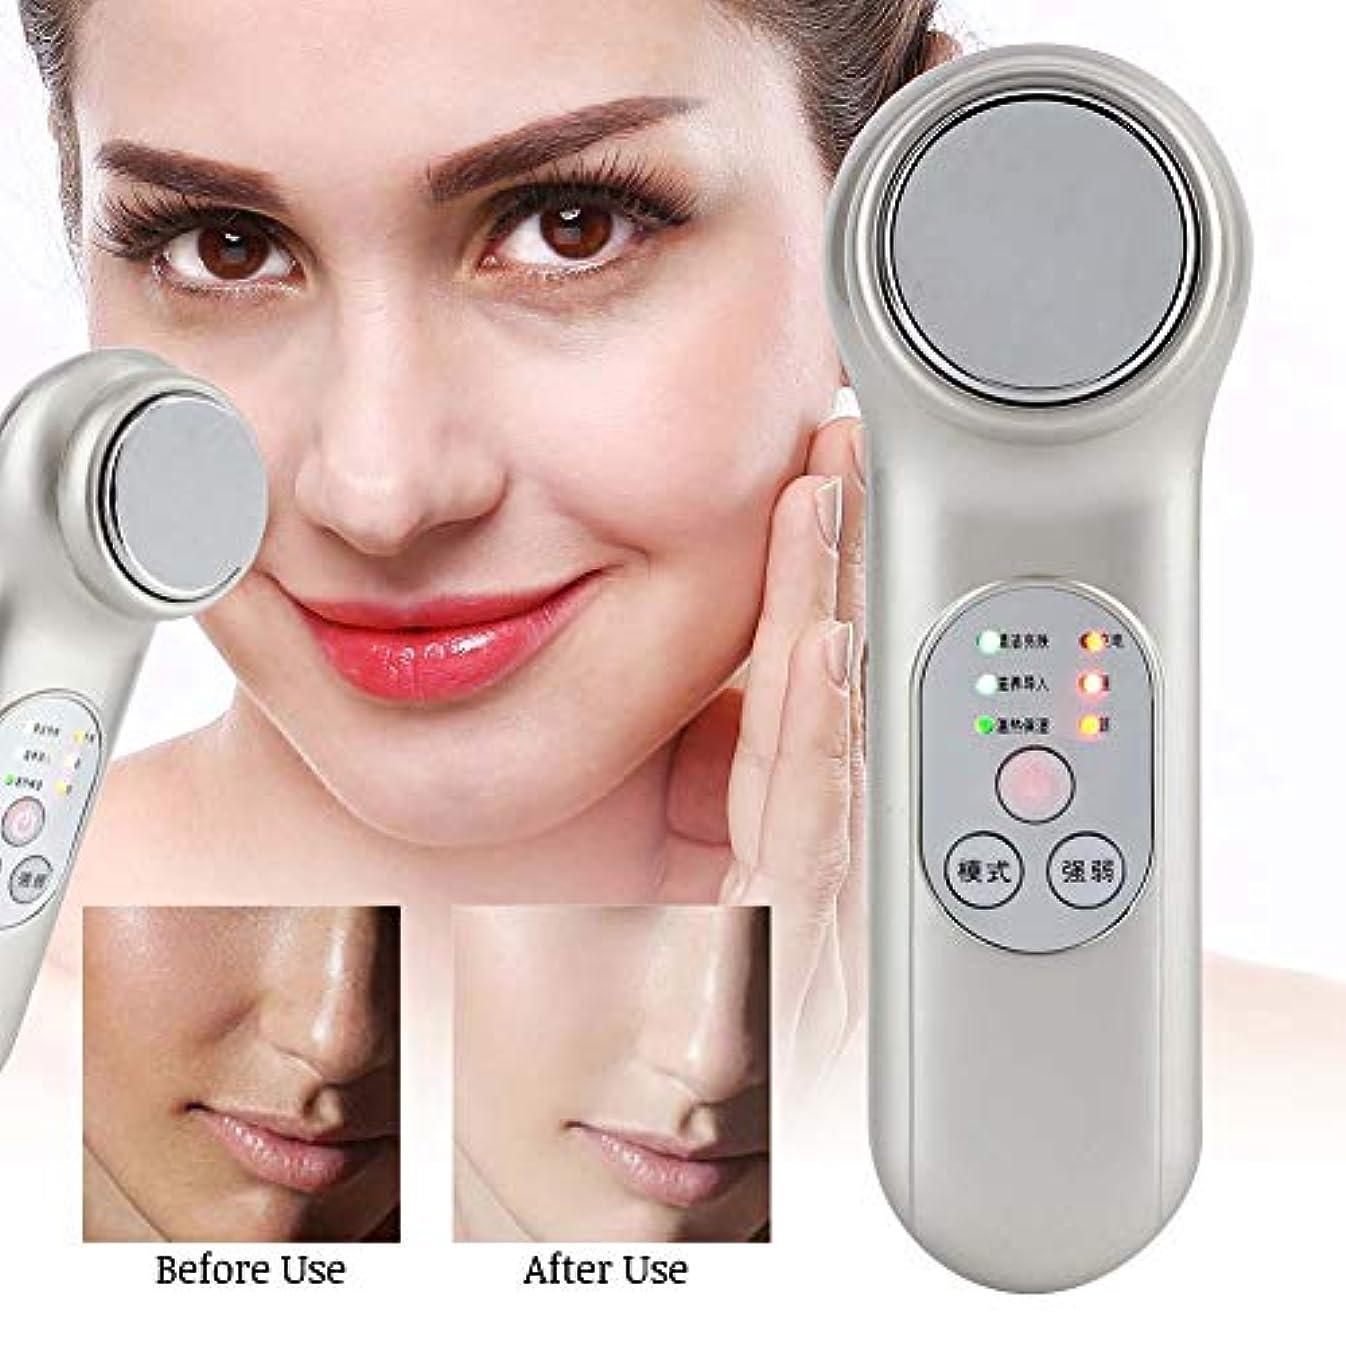 プレミア頬自治的毛穴クリーナー、毛穴真空除去クリーナー電気クリーナーフェイスマッサージャー女性と男性のための皮膚美容デバイス